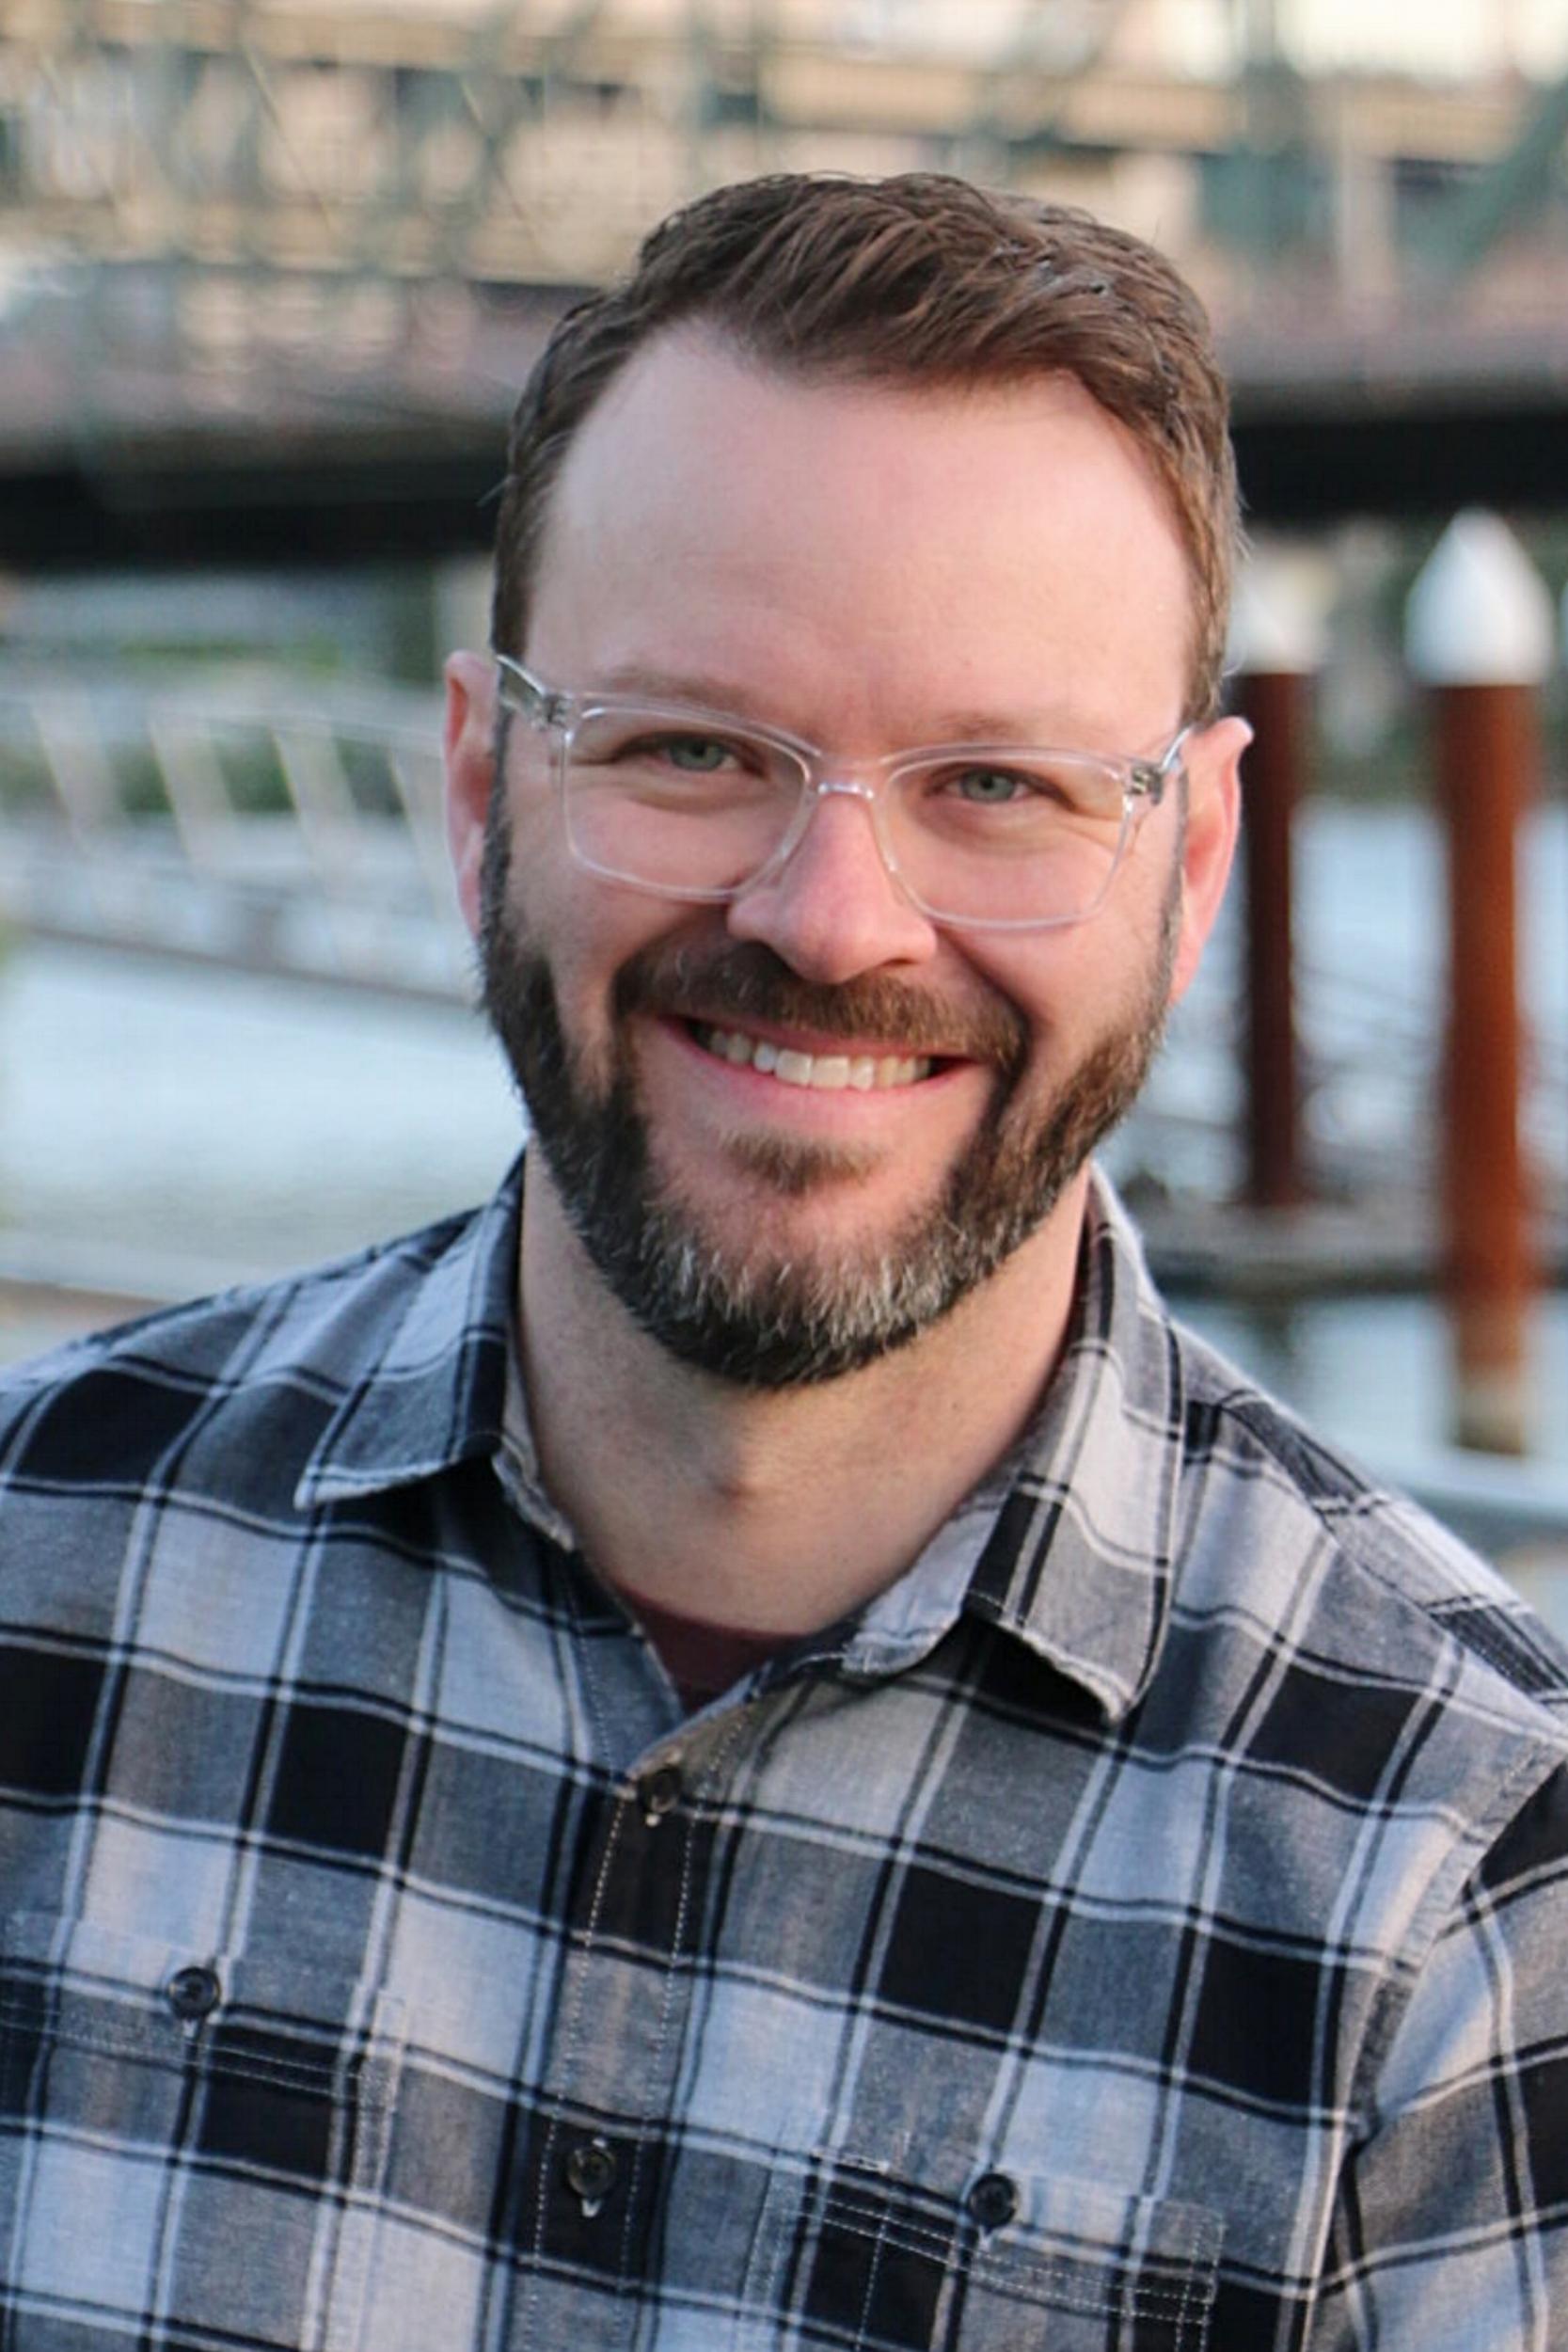 Matt Knapp - Founder of Underscore Video